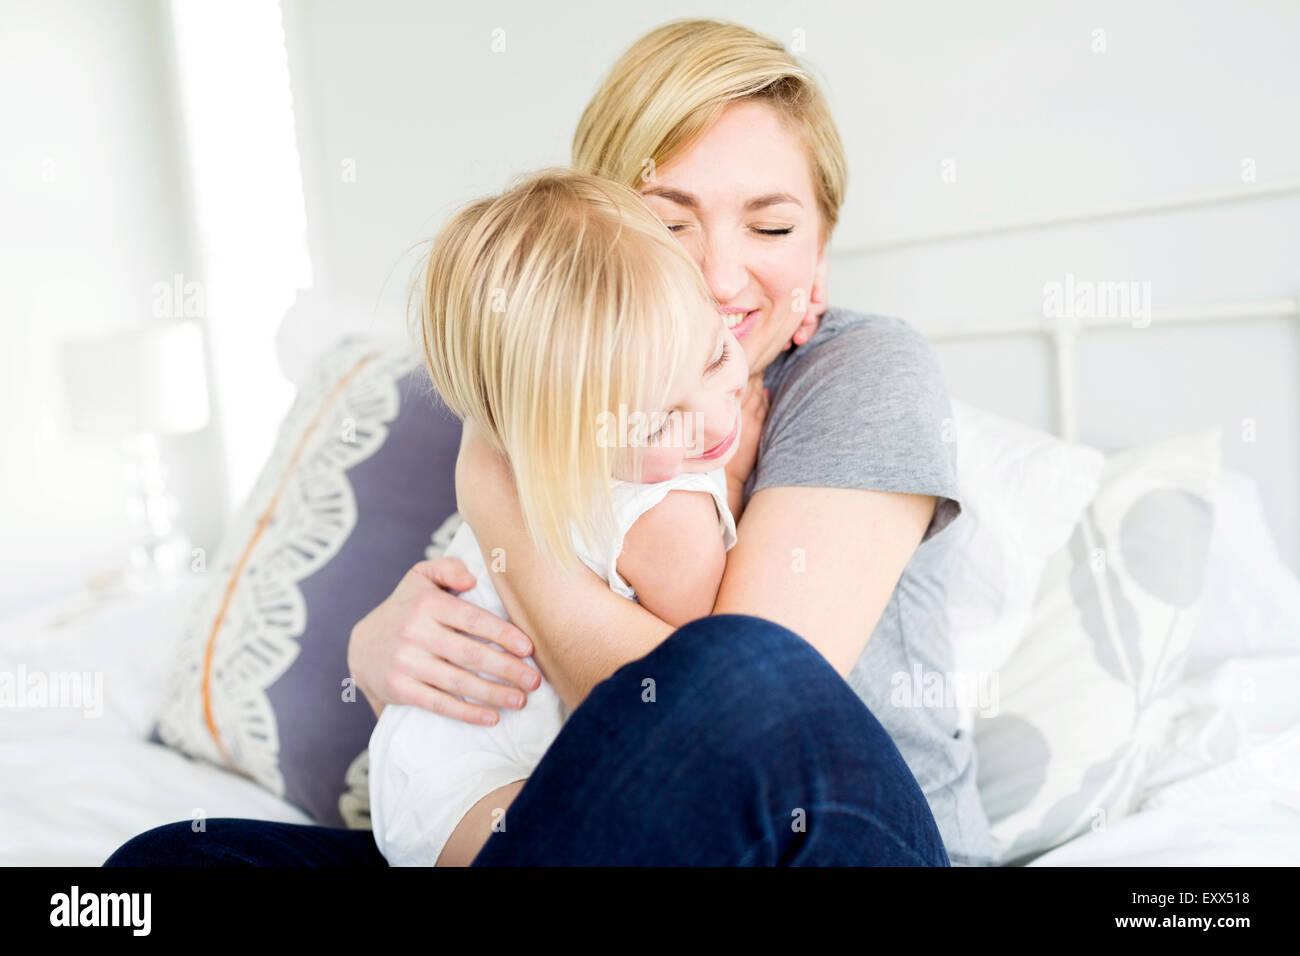 Donna abbracciando la figlia (2-3) in camera da letto Immagini Stock